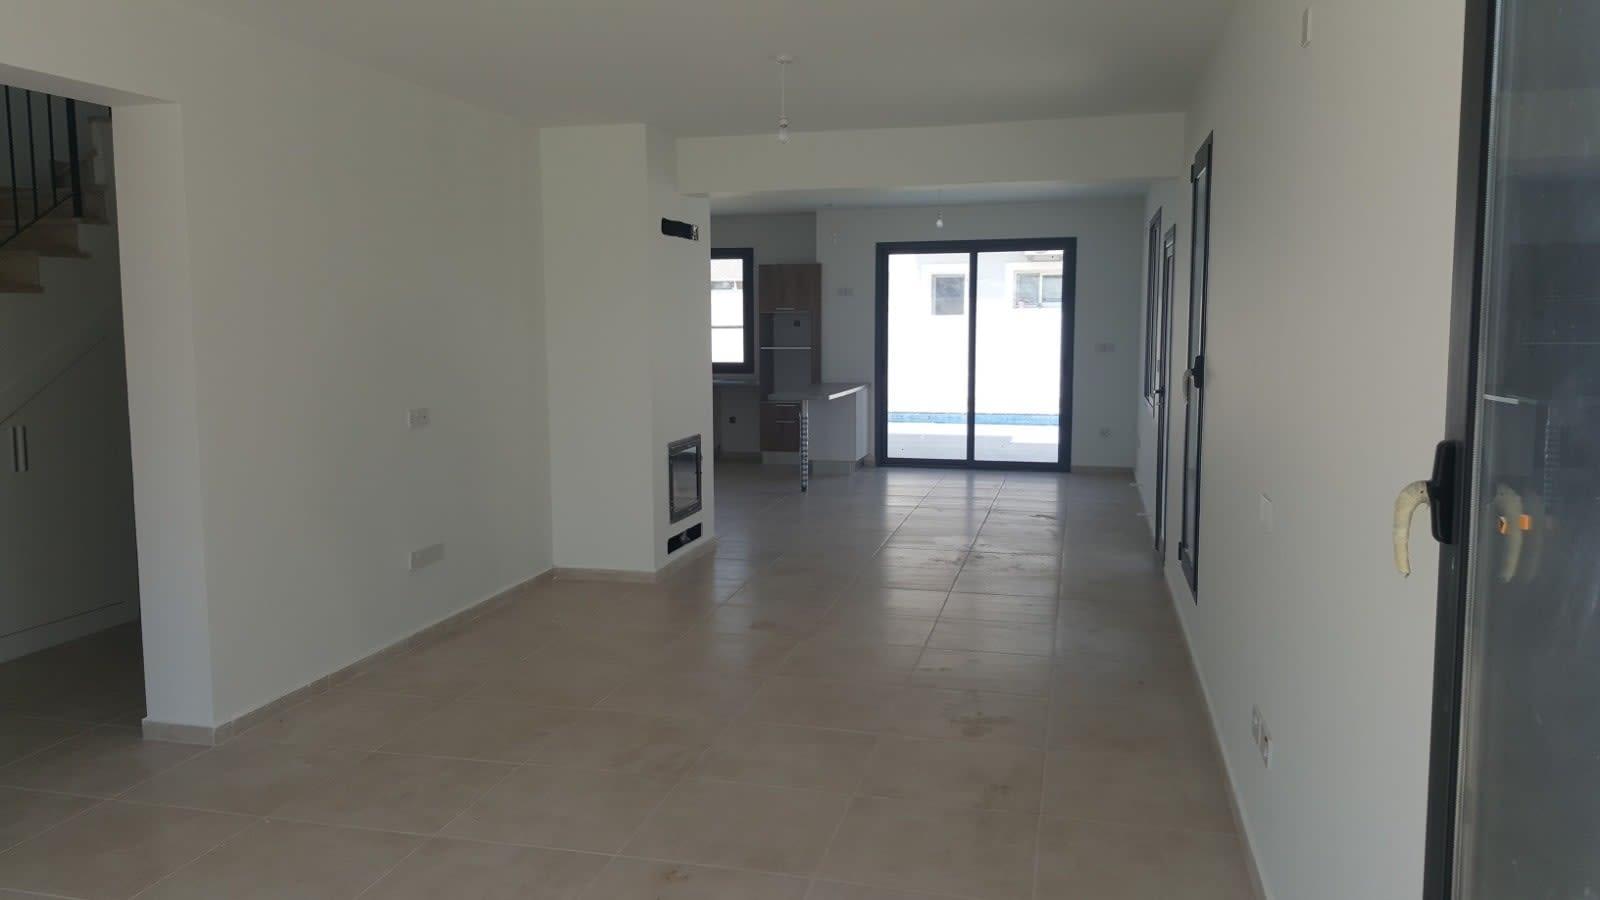 Yenikent'te 4 Yatak Odalı Satılık Havuzlu ve Türk Malı Villa 5267